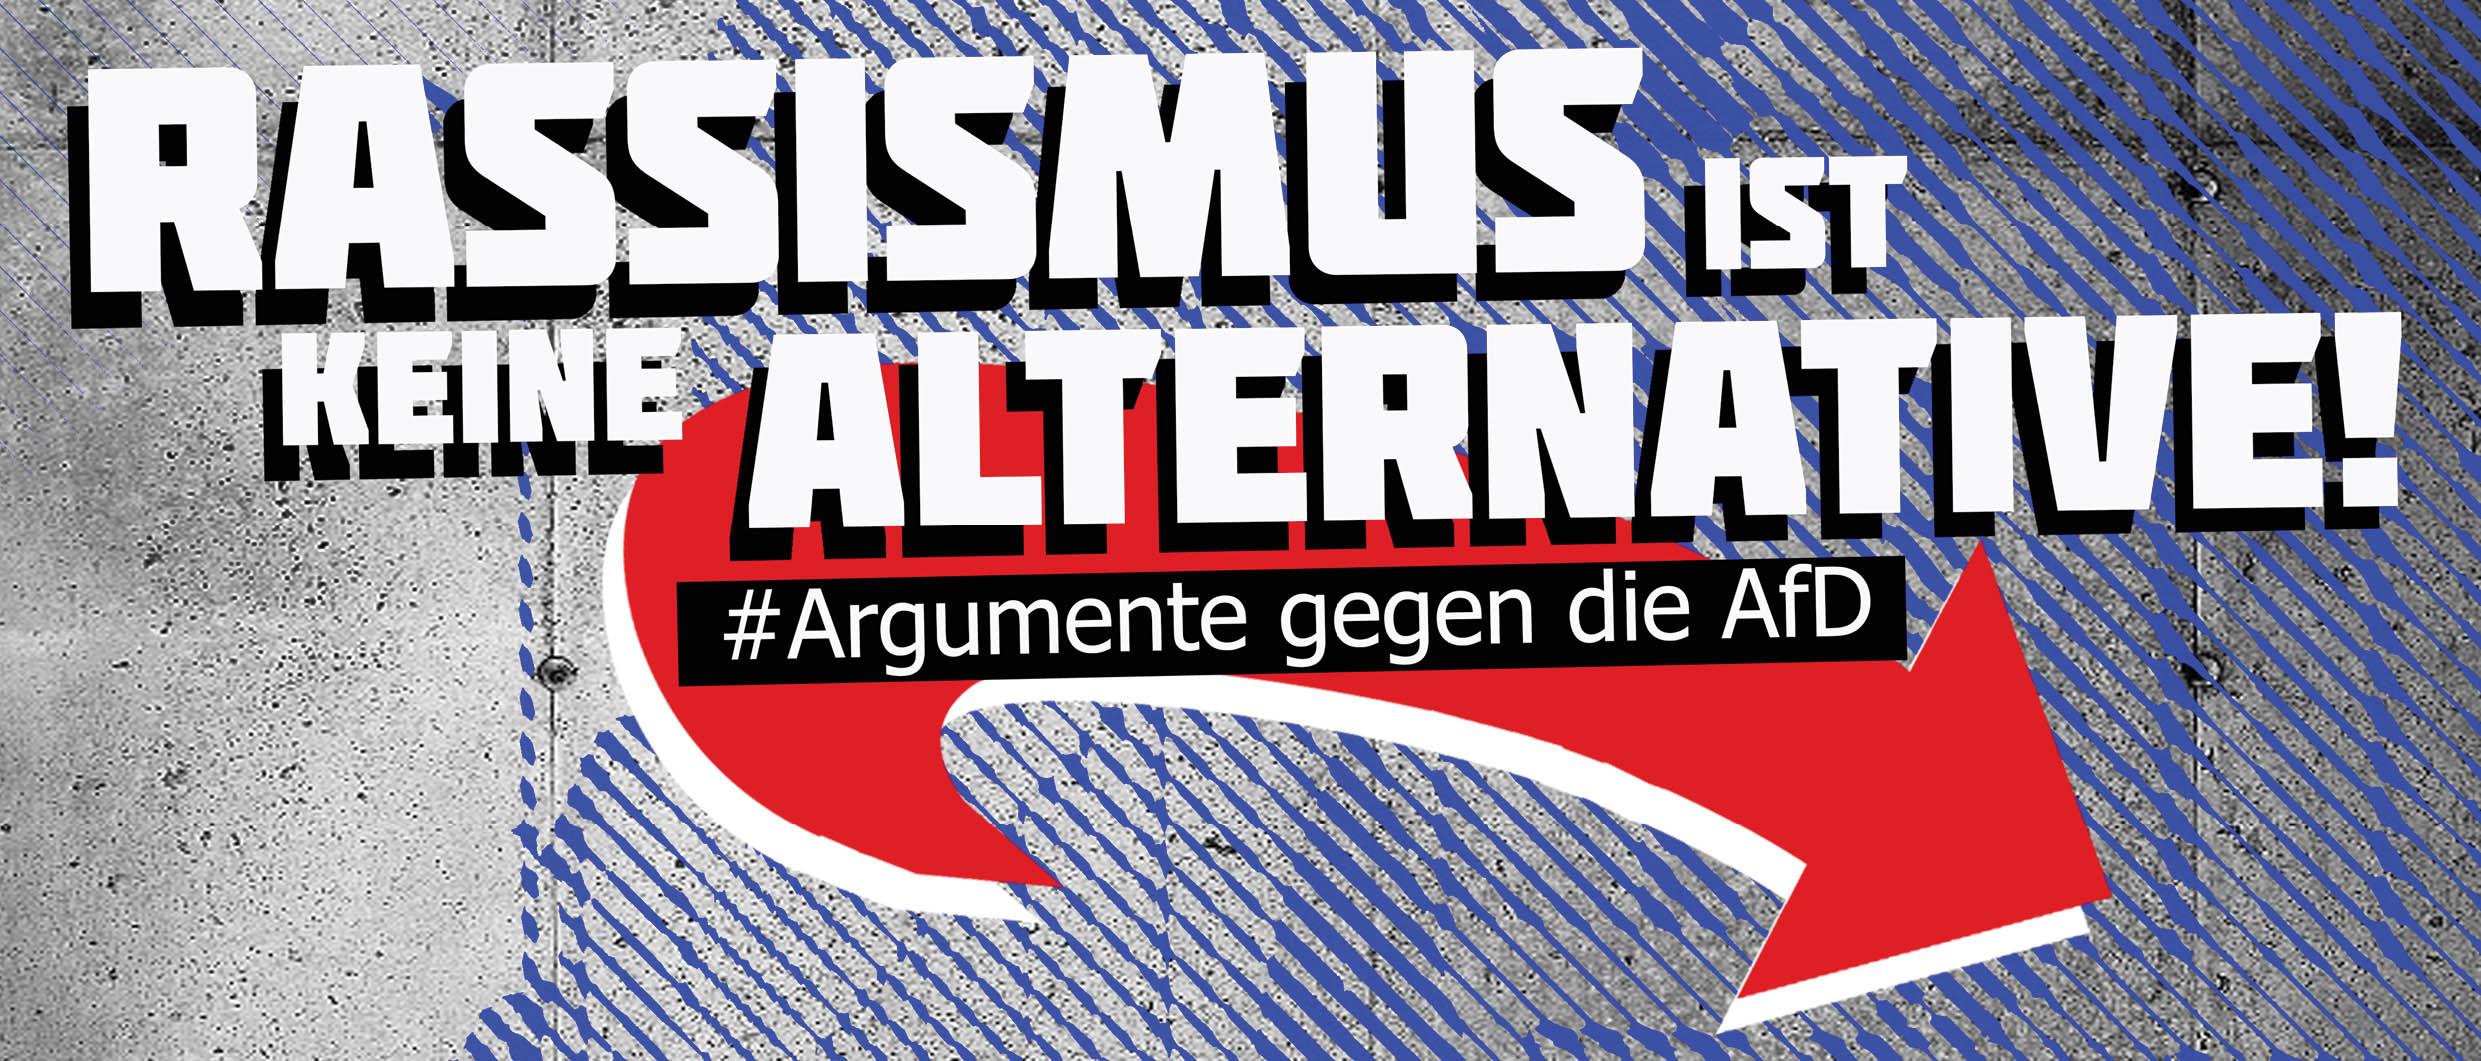 30. April & 1. Mai // Gegen die AfD und für die Interessen der Arbeiterklasse auf die Straße gehen!